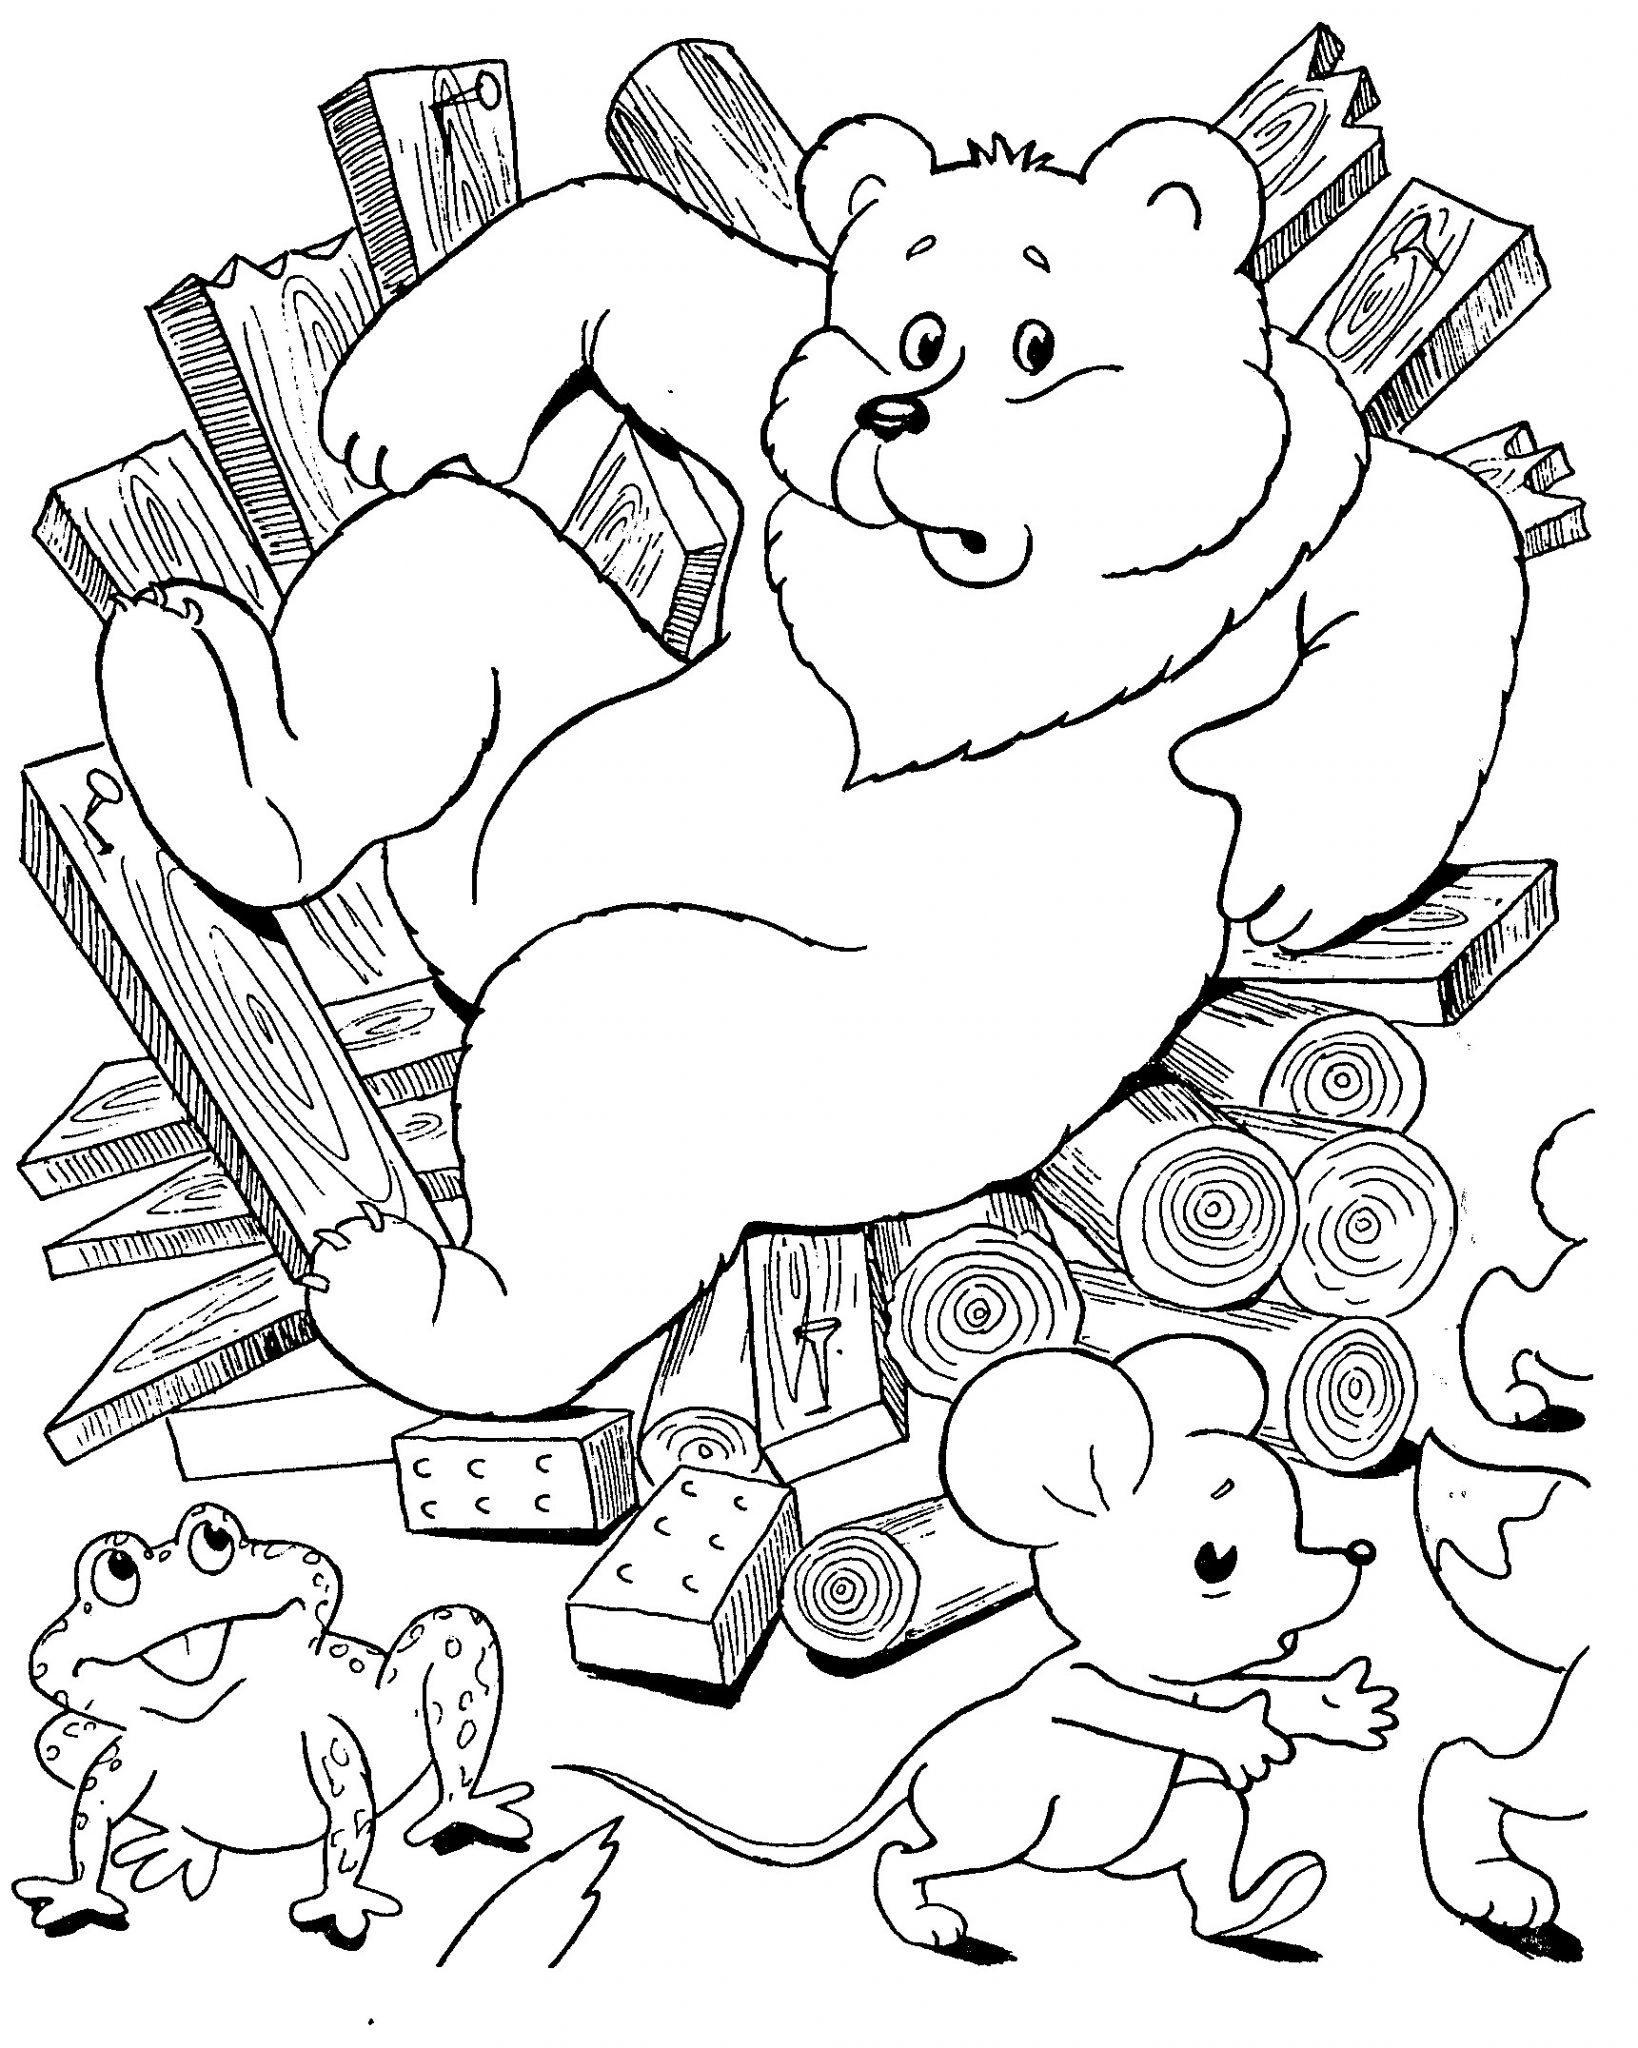 сказка теремок раскраска для детей распечатать бесплатно формат а4